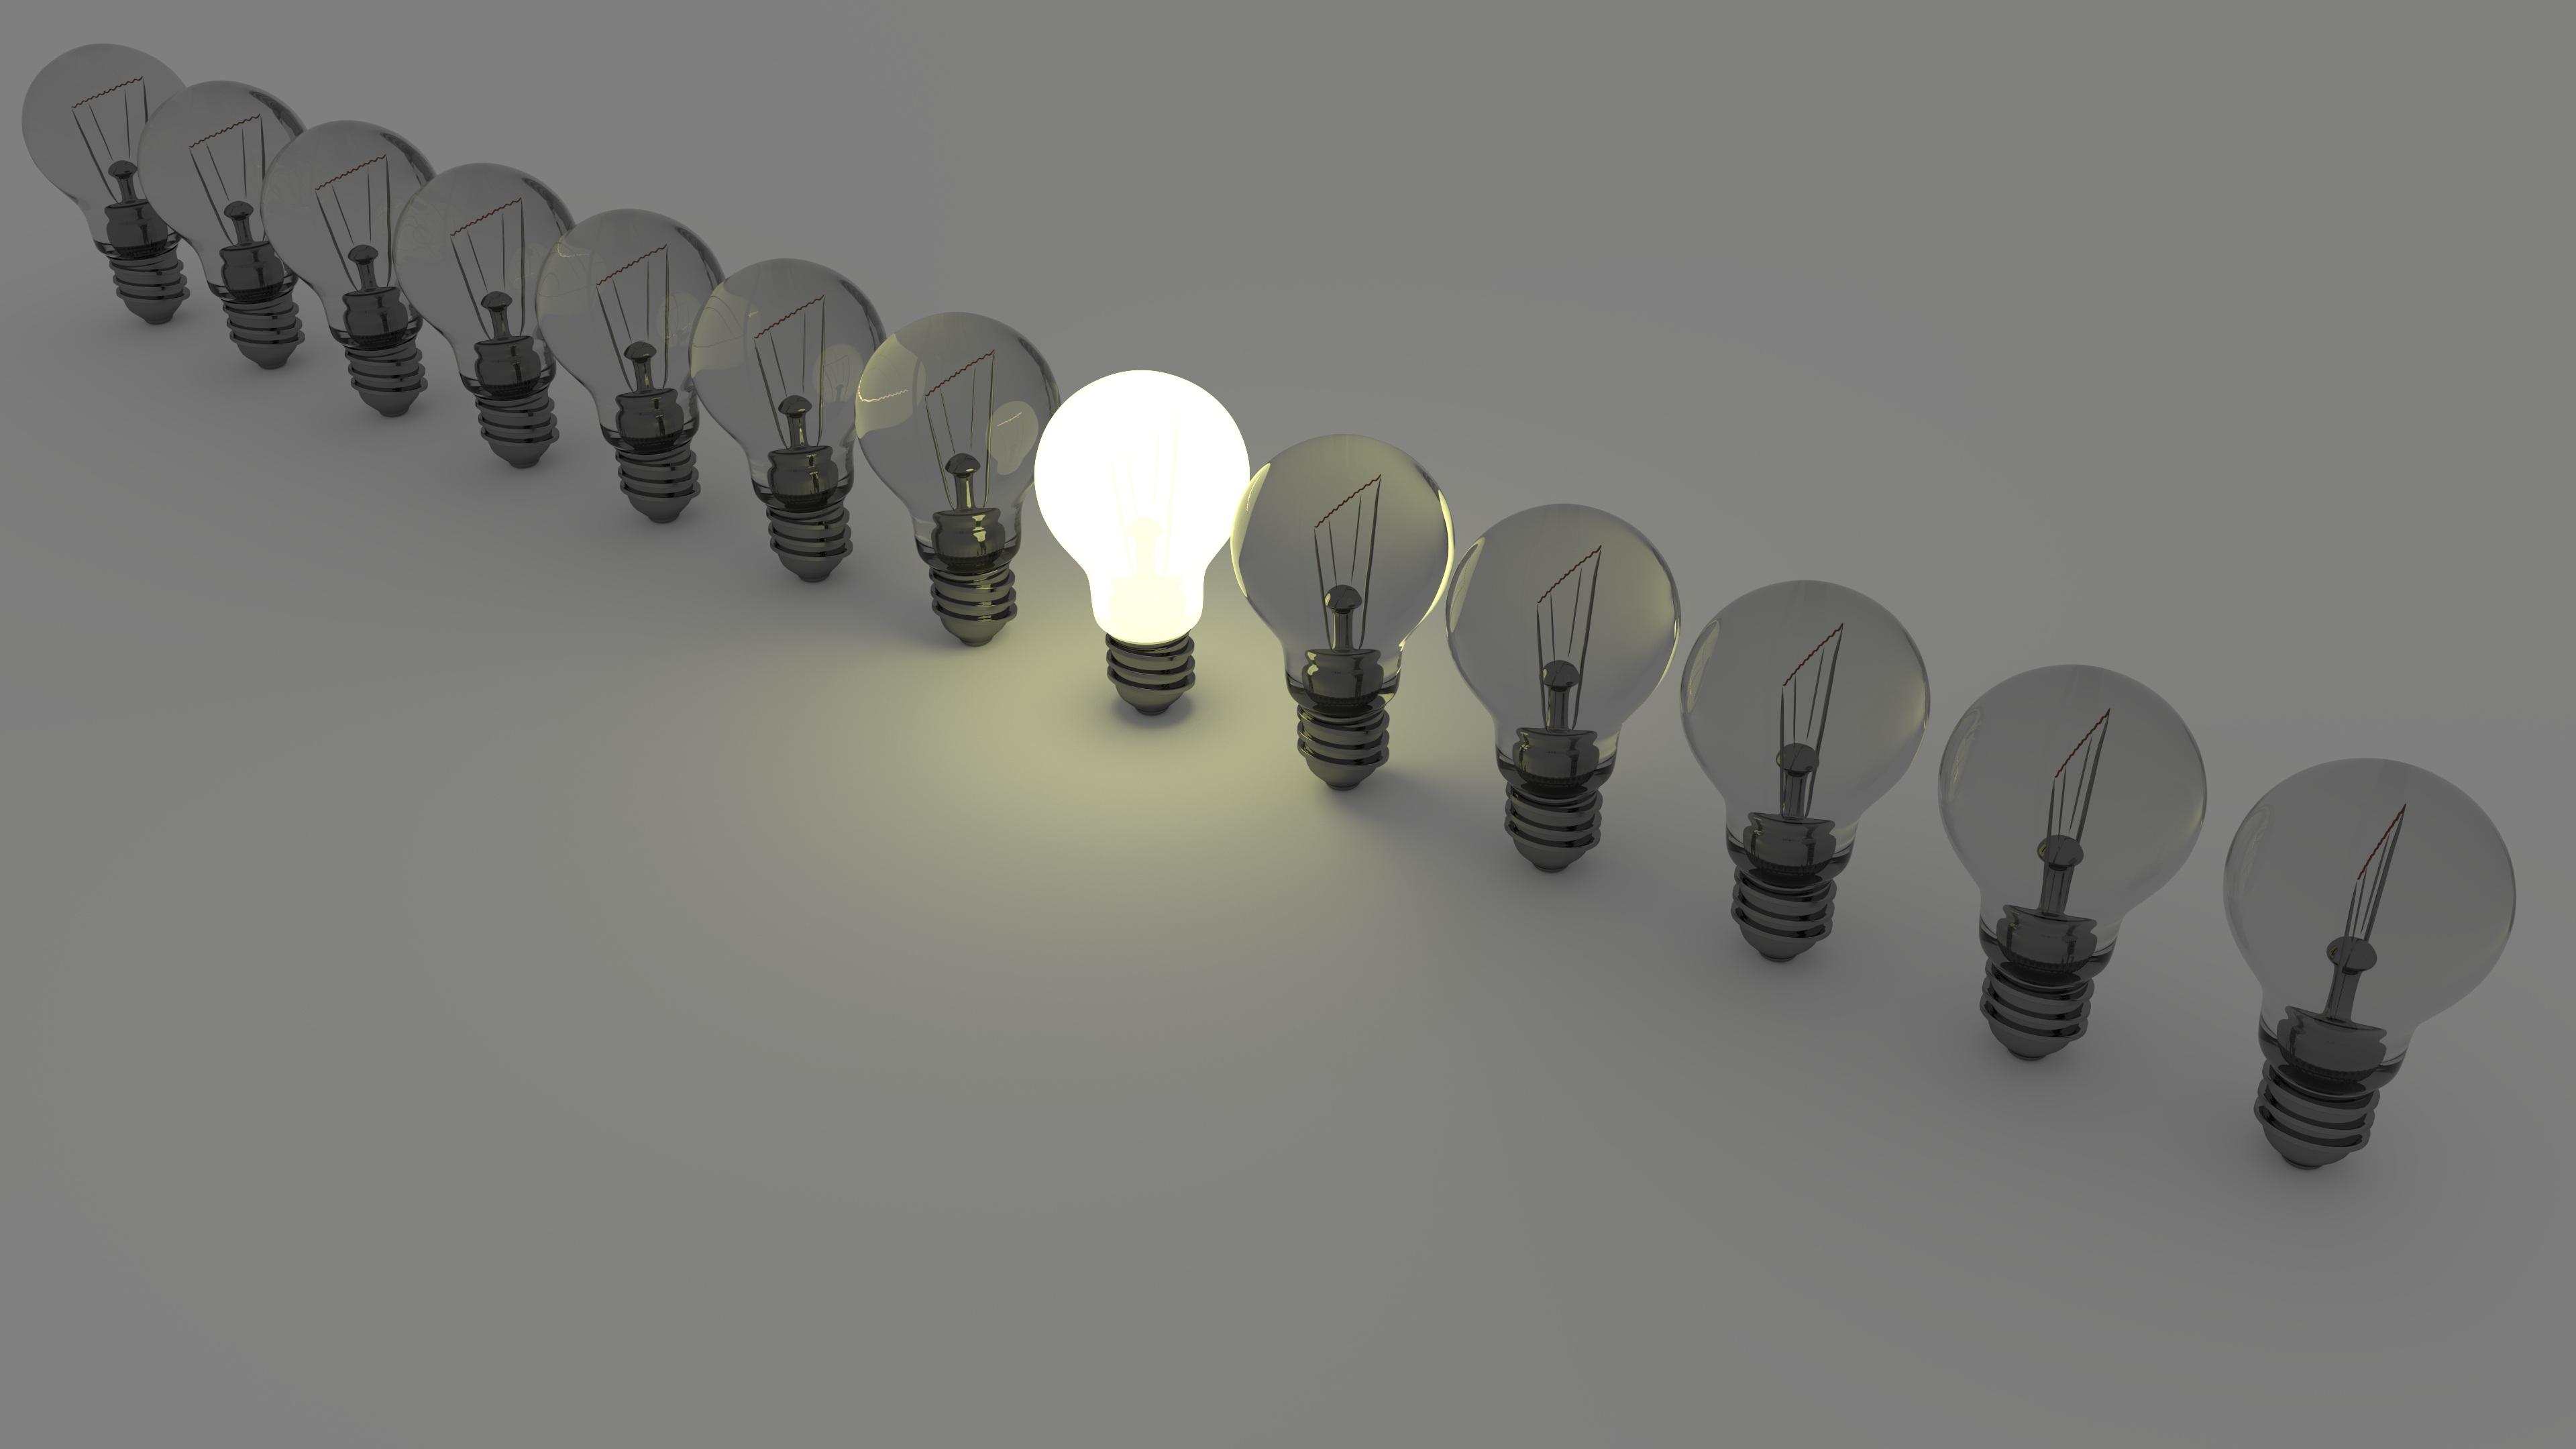 La ideas son importantes al momento de iniciar un negocio